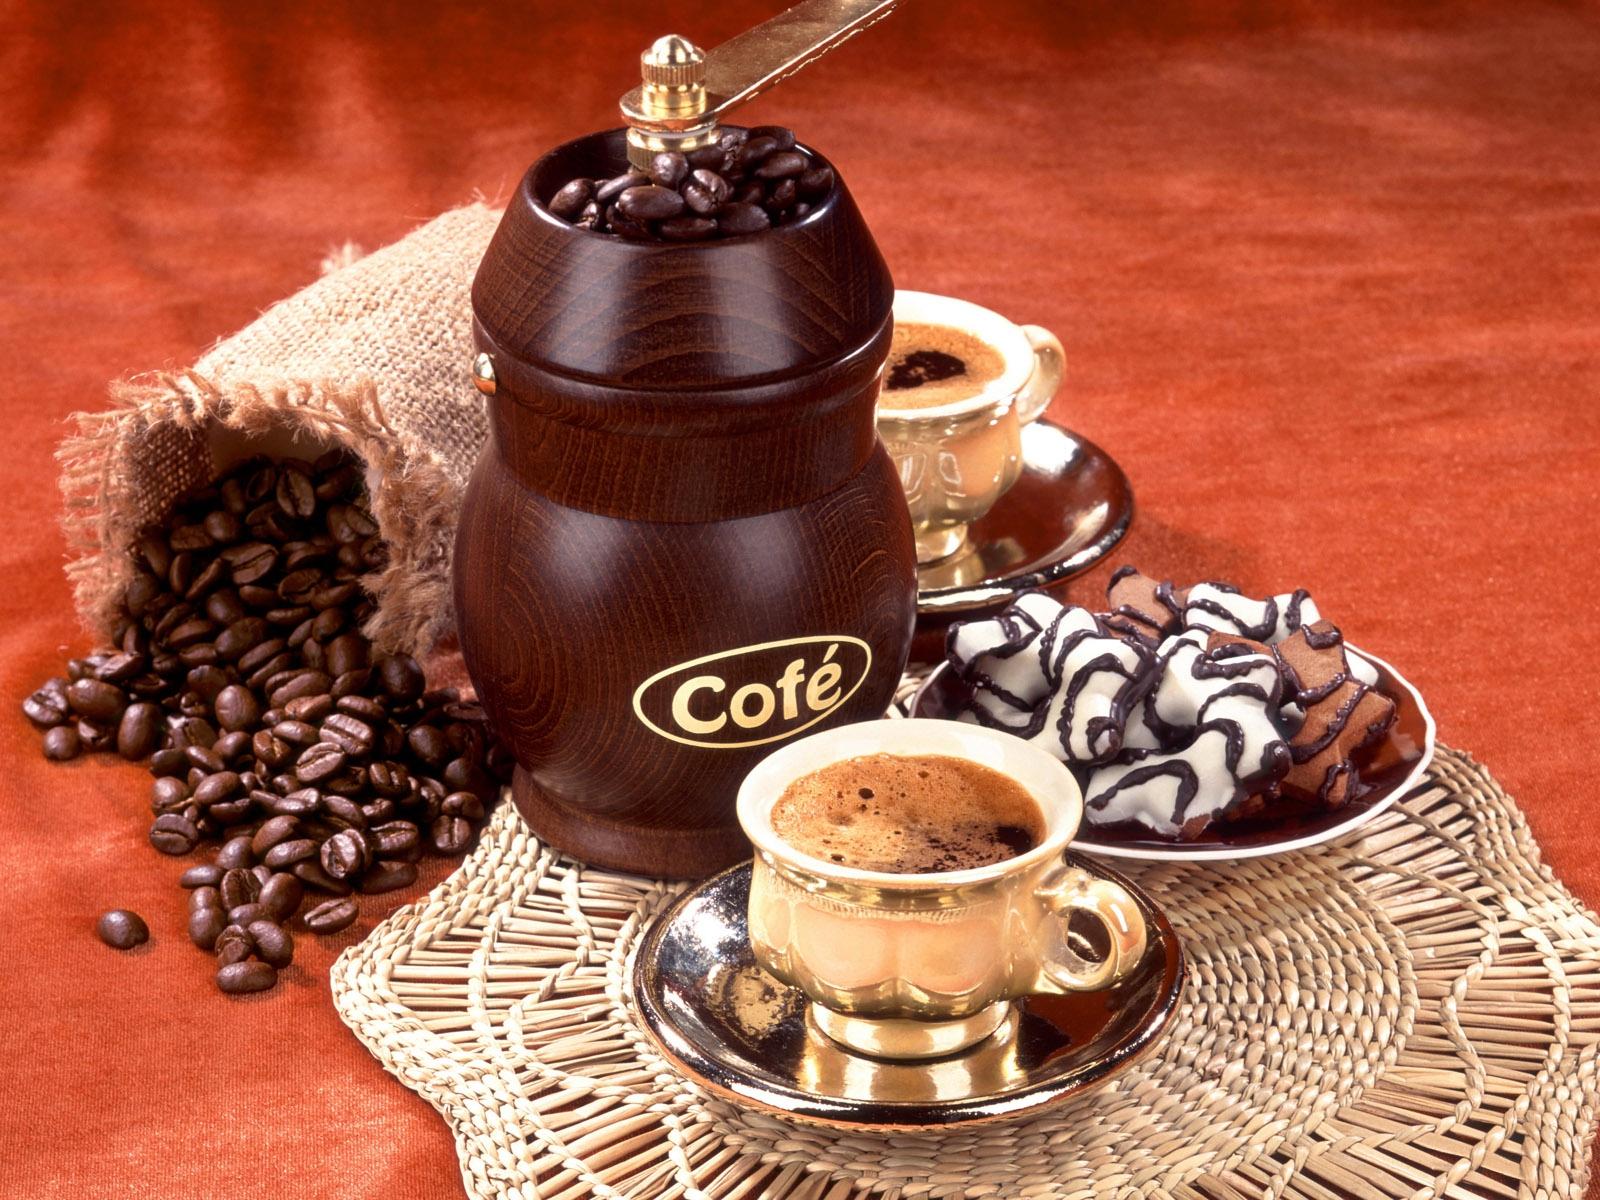 Hintergrundbilder : Getränk, Tasse, Kaffeebohnen, Kekse, türkischer ...